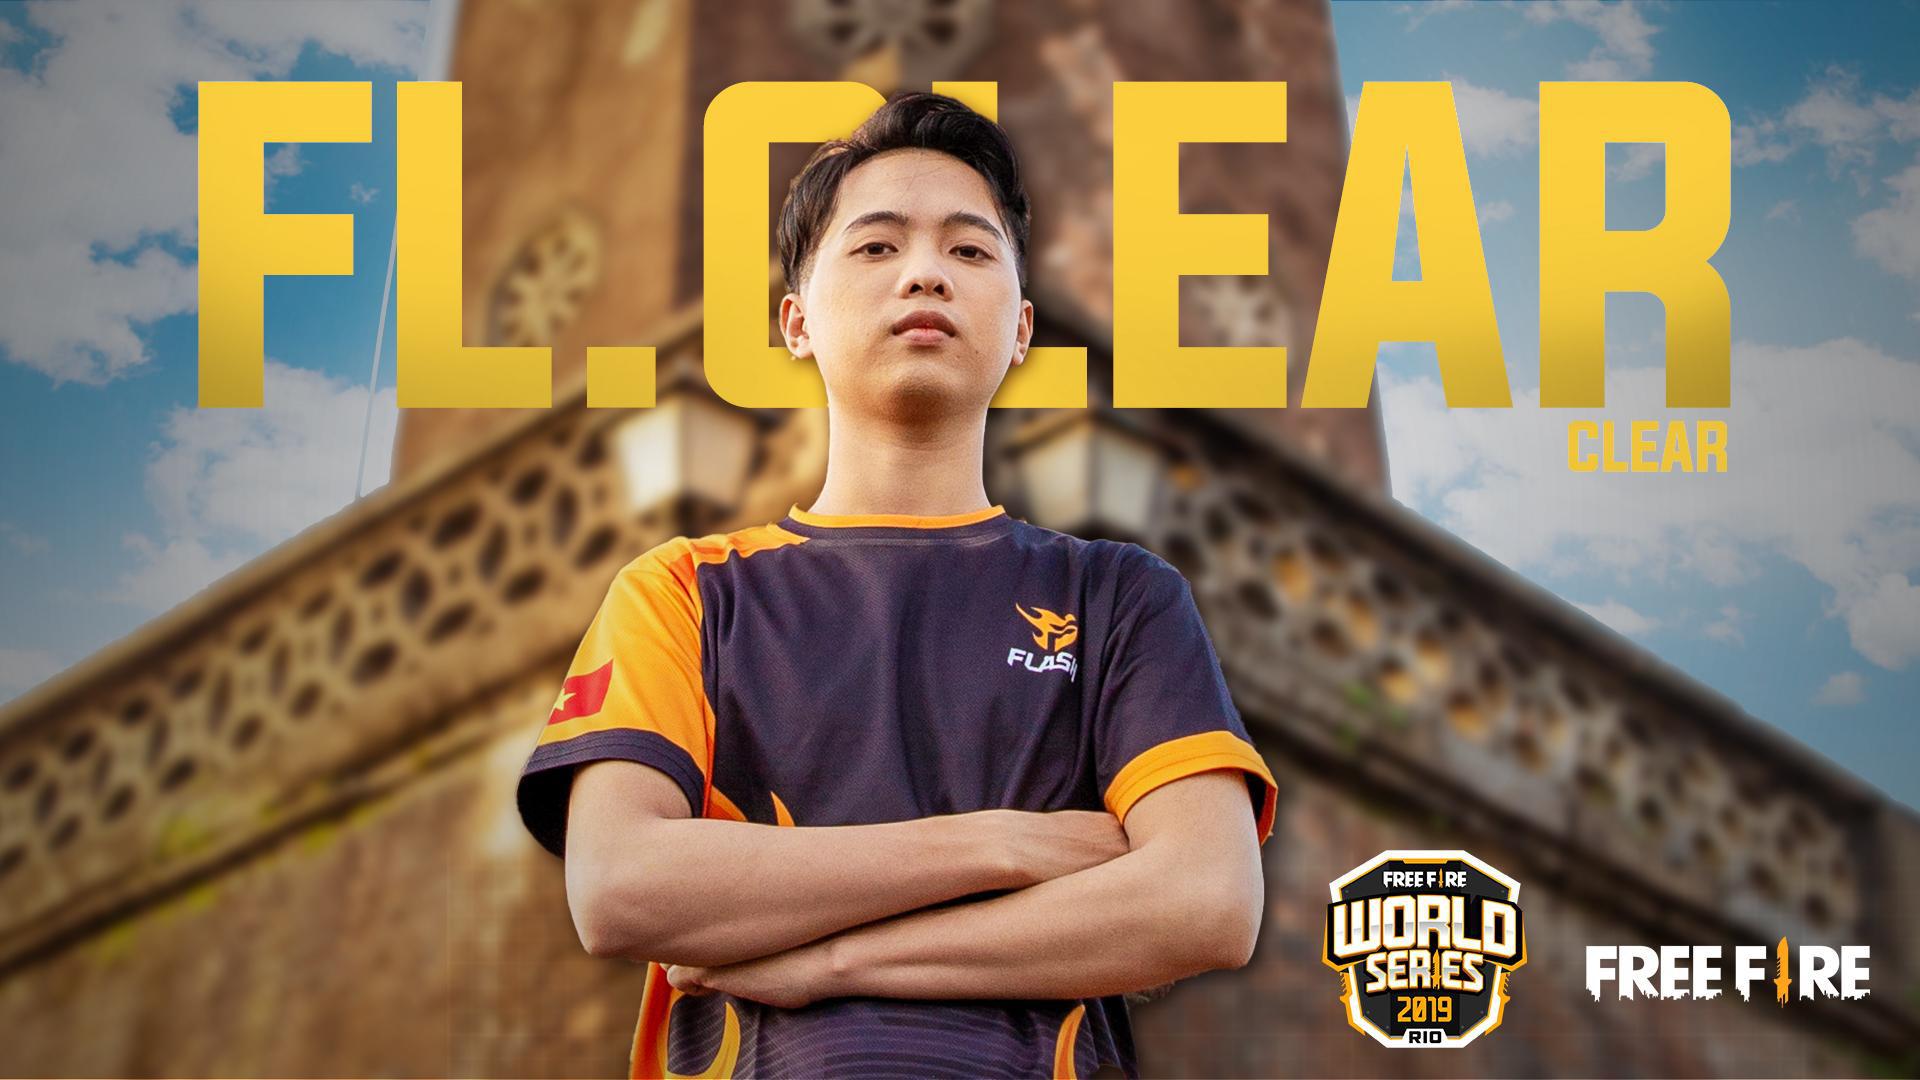 Free Fire World Series 2019: Vinh quang đang ở ngay phía trước Team Flash Việt Nam - Ảnh 3.